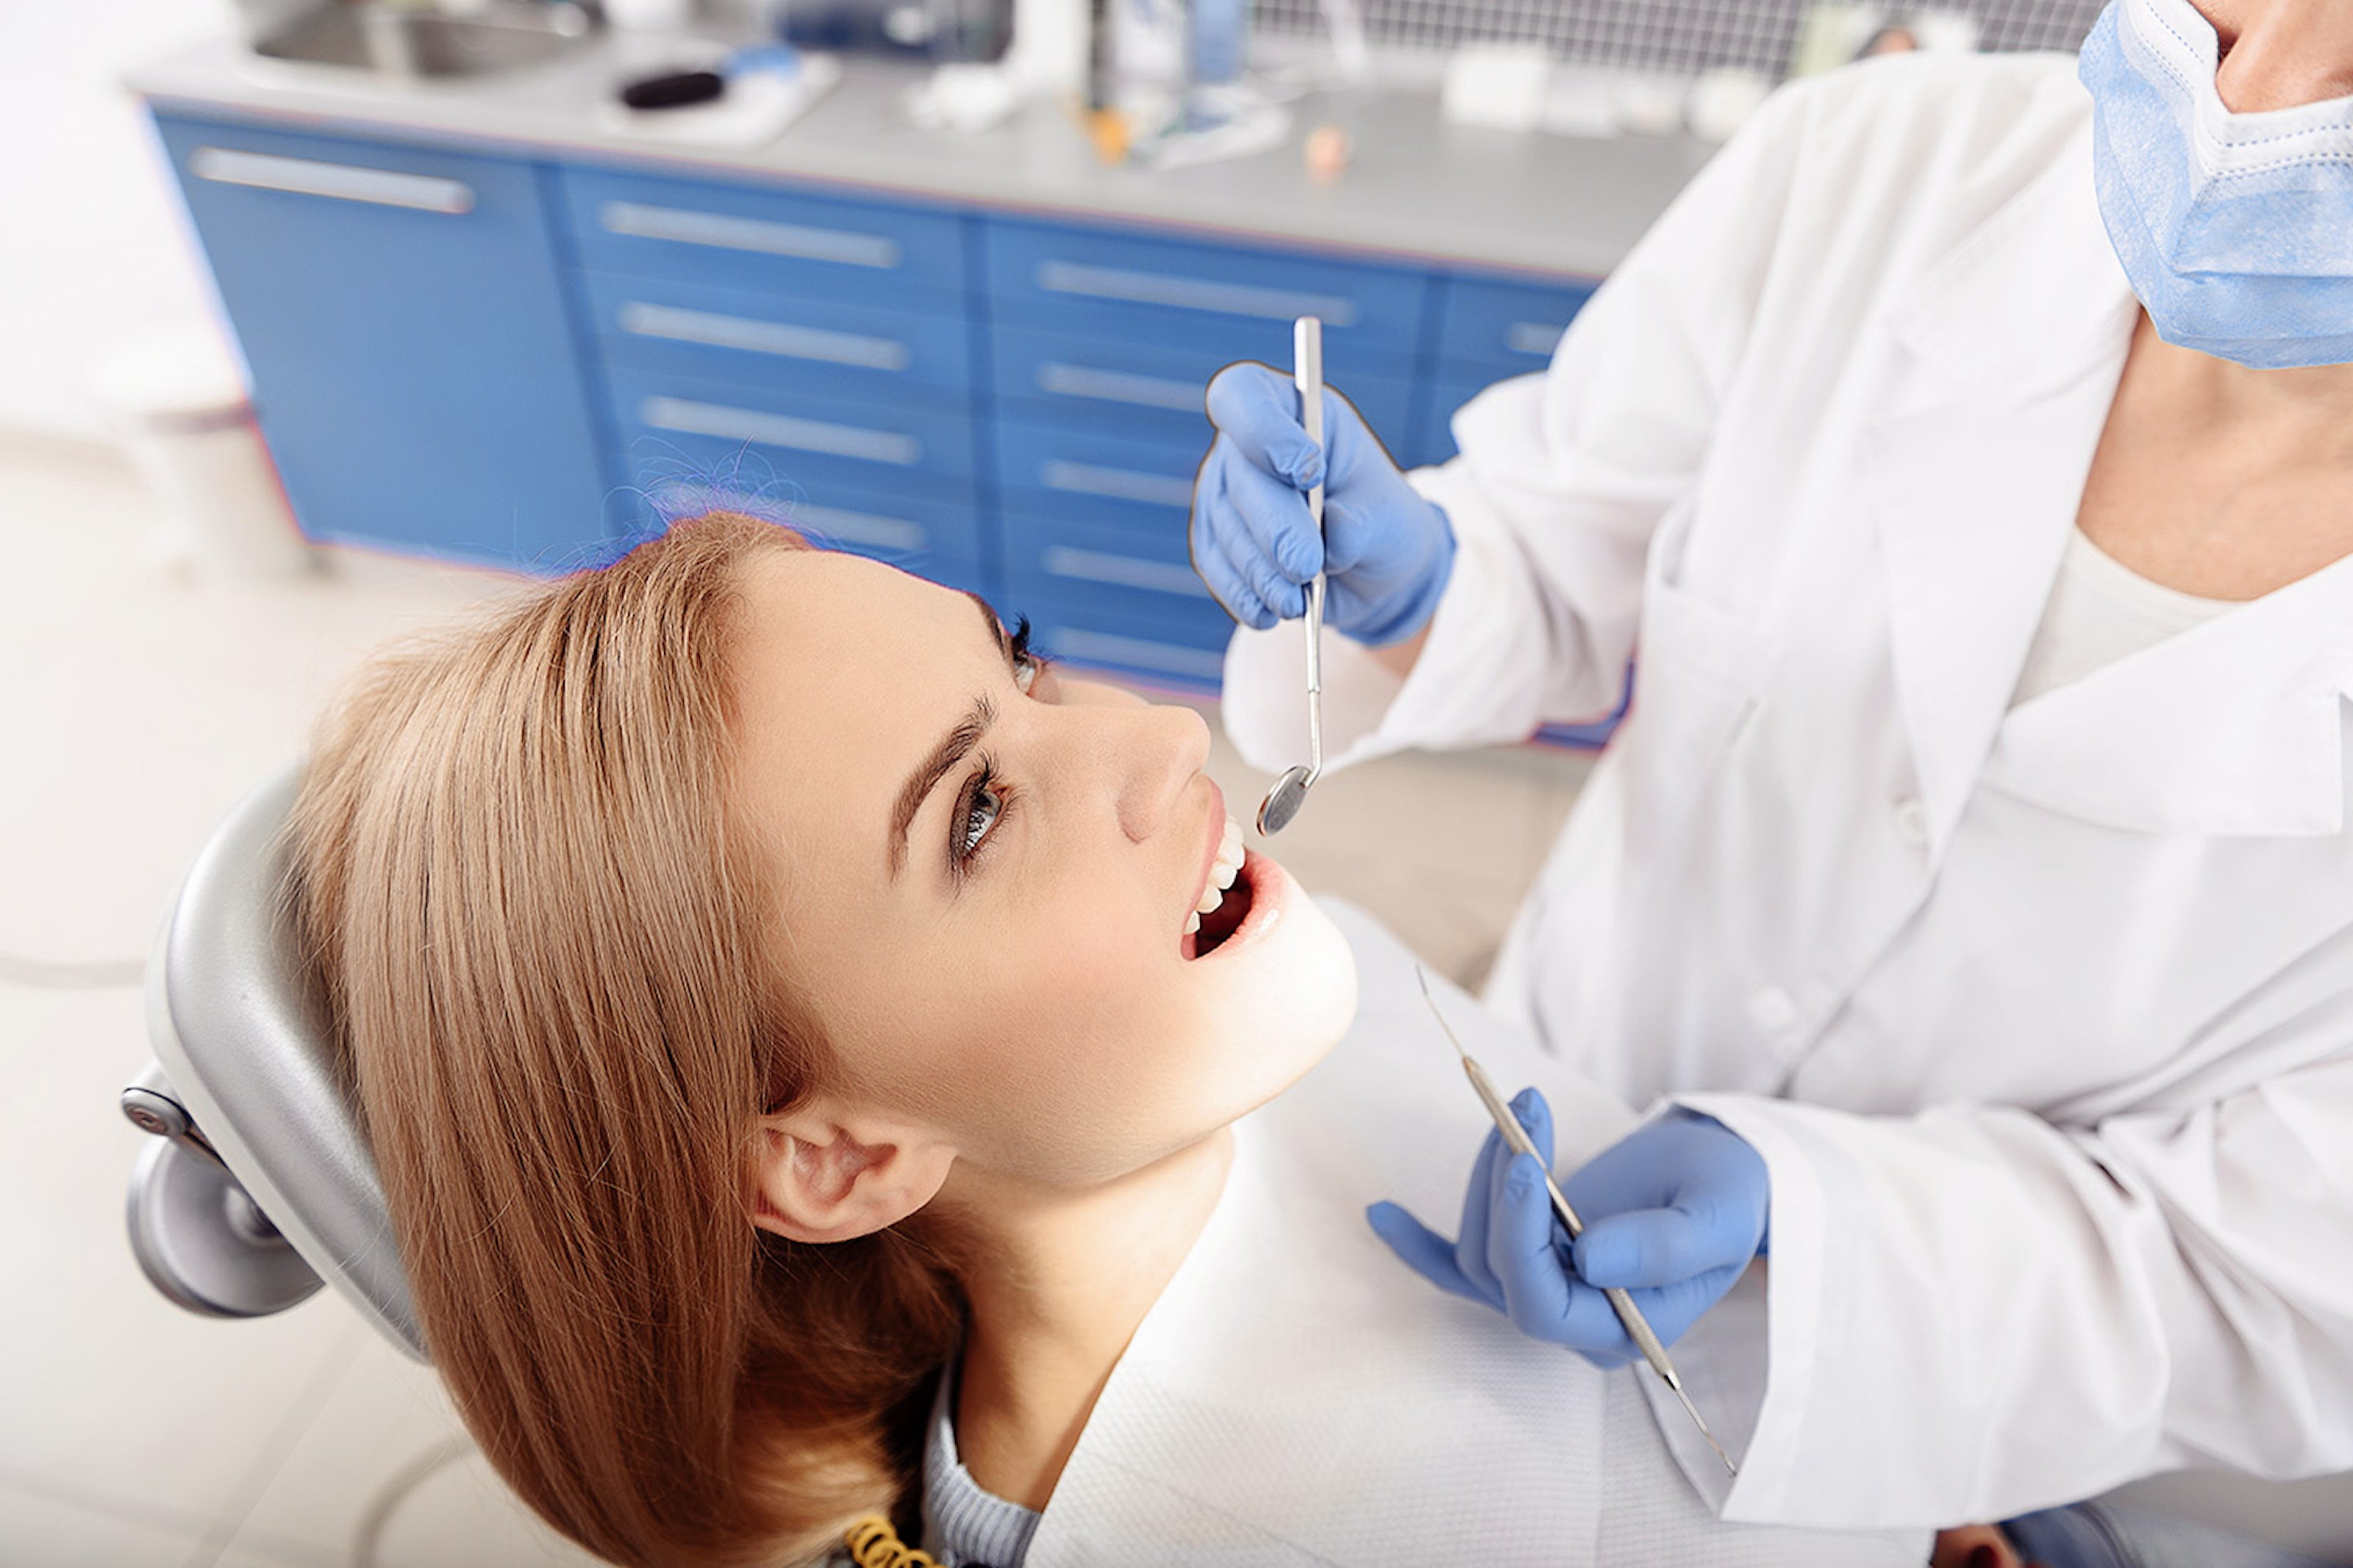 Komplett tannlegeundersøkelse med Airflow + 500 kr gavekort på tannbleking